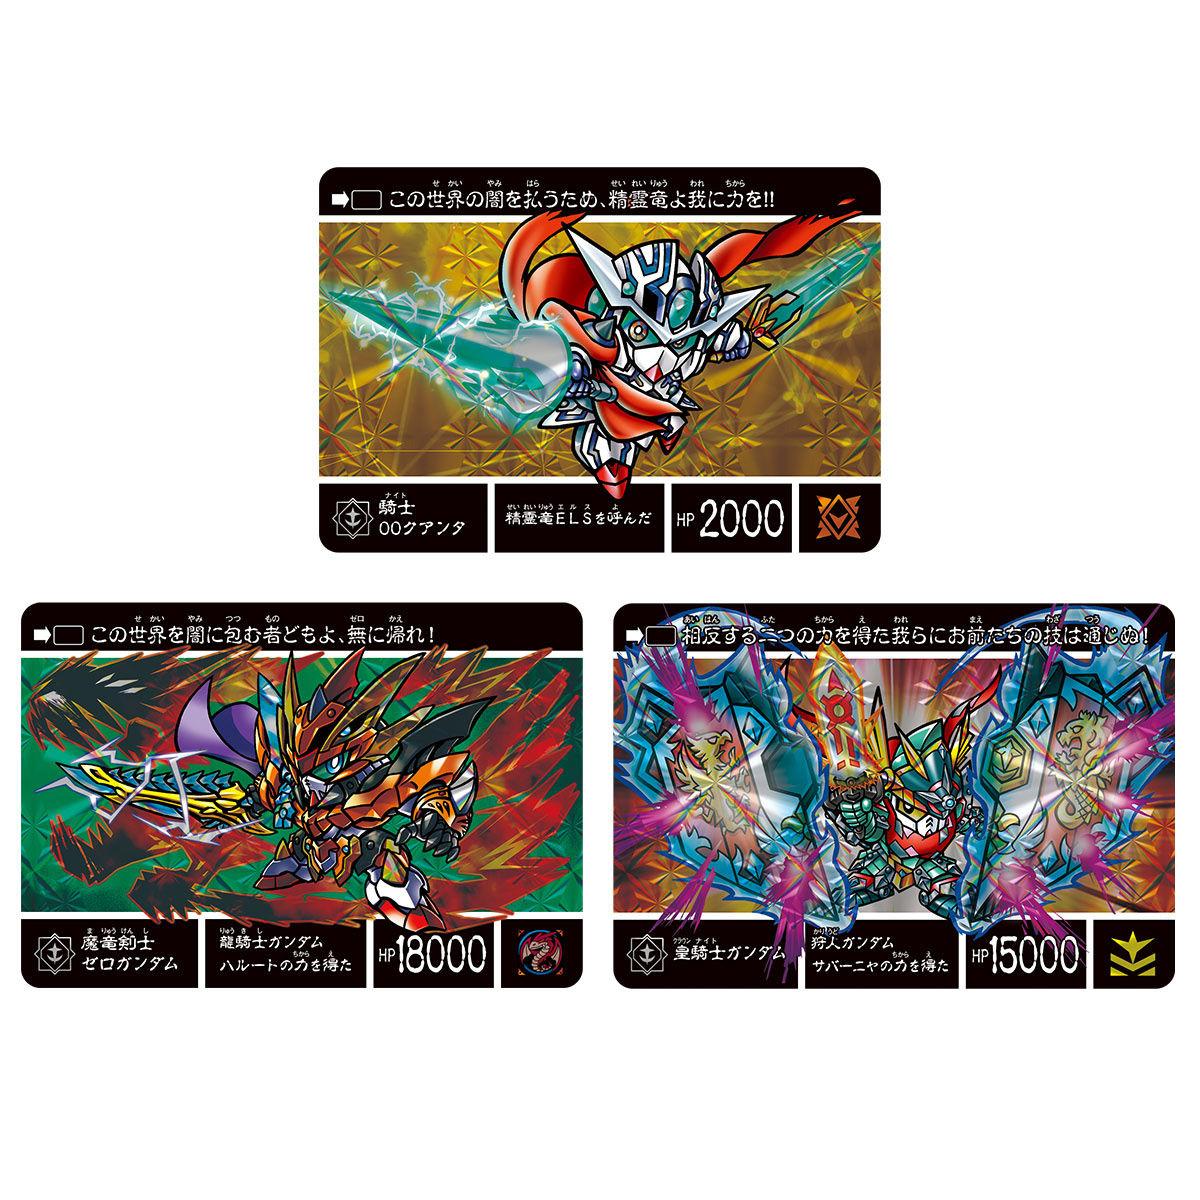 【限定販売】新約SDガンダム外伝『創世超竜譚 奇跡の二大超越竜皇』カードダス-001